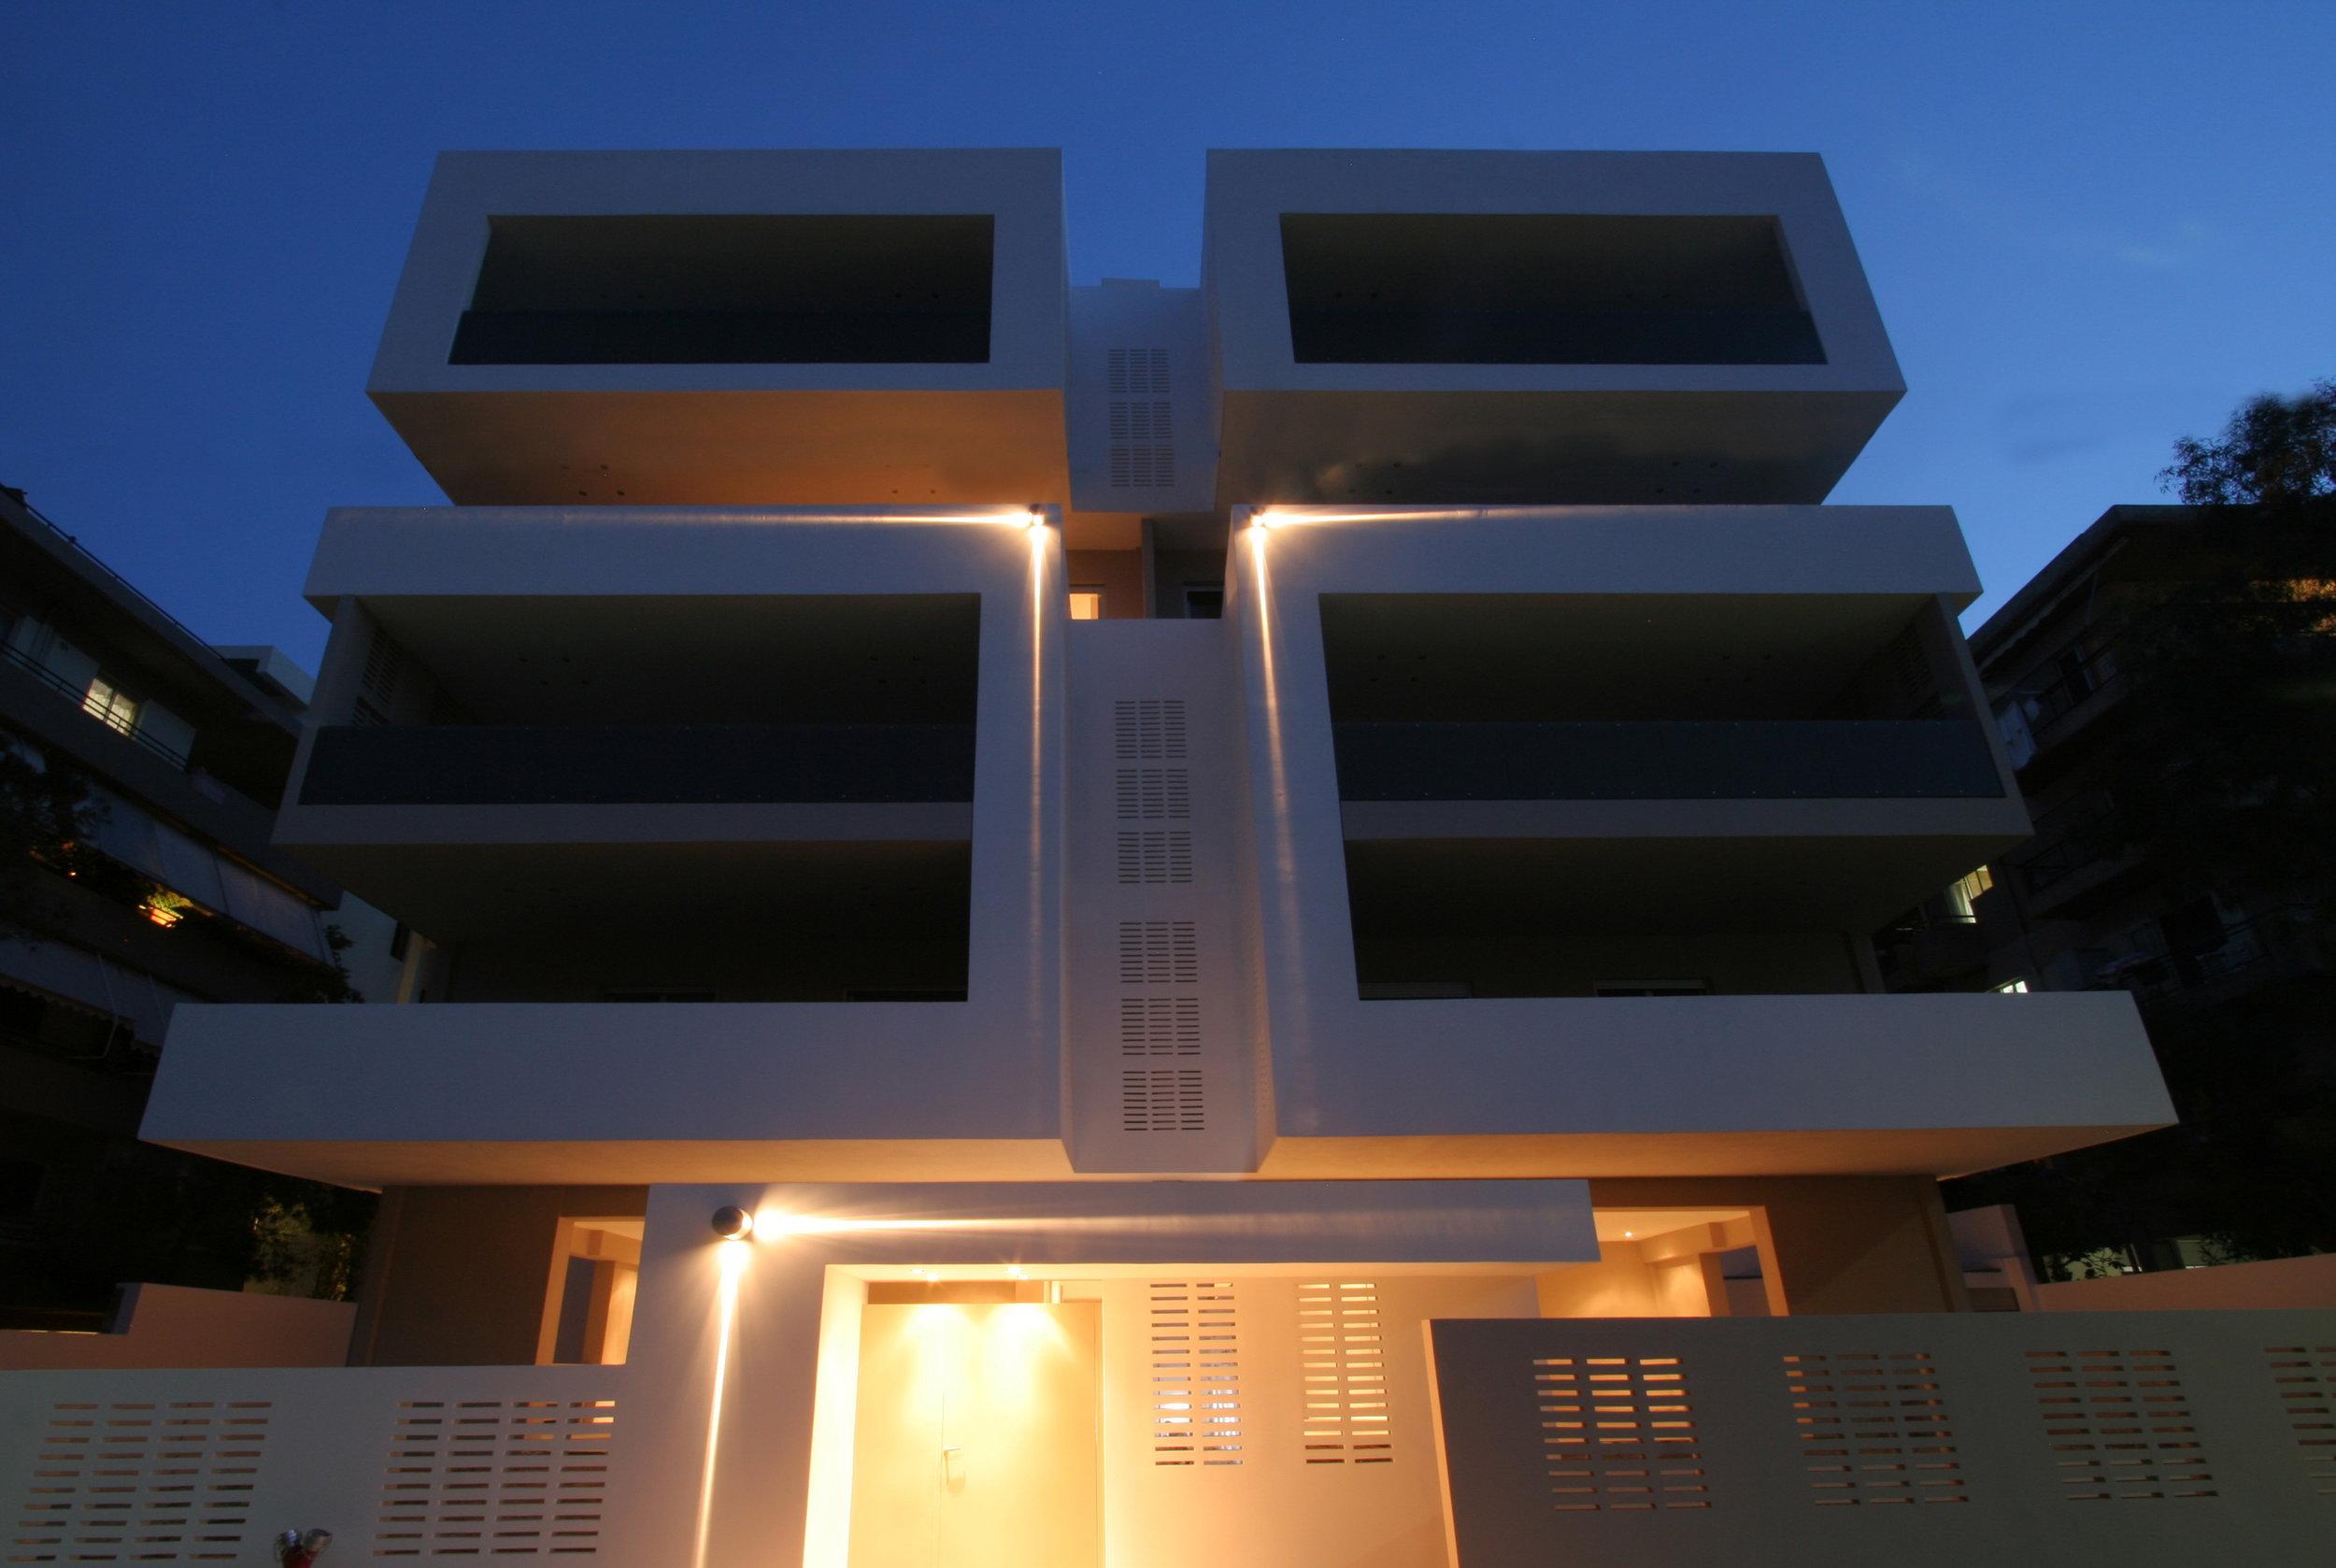 residential building in kareas 012.jpg